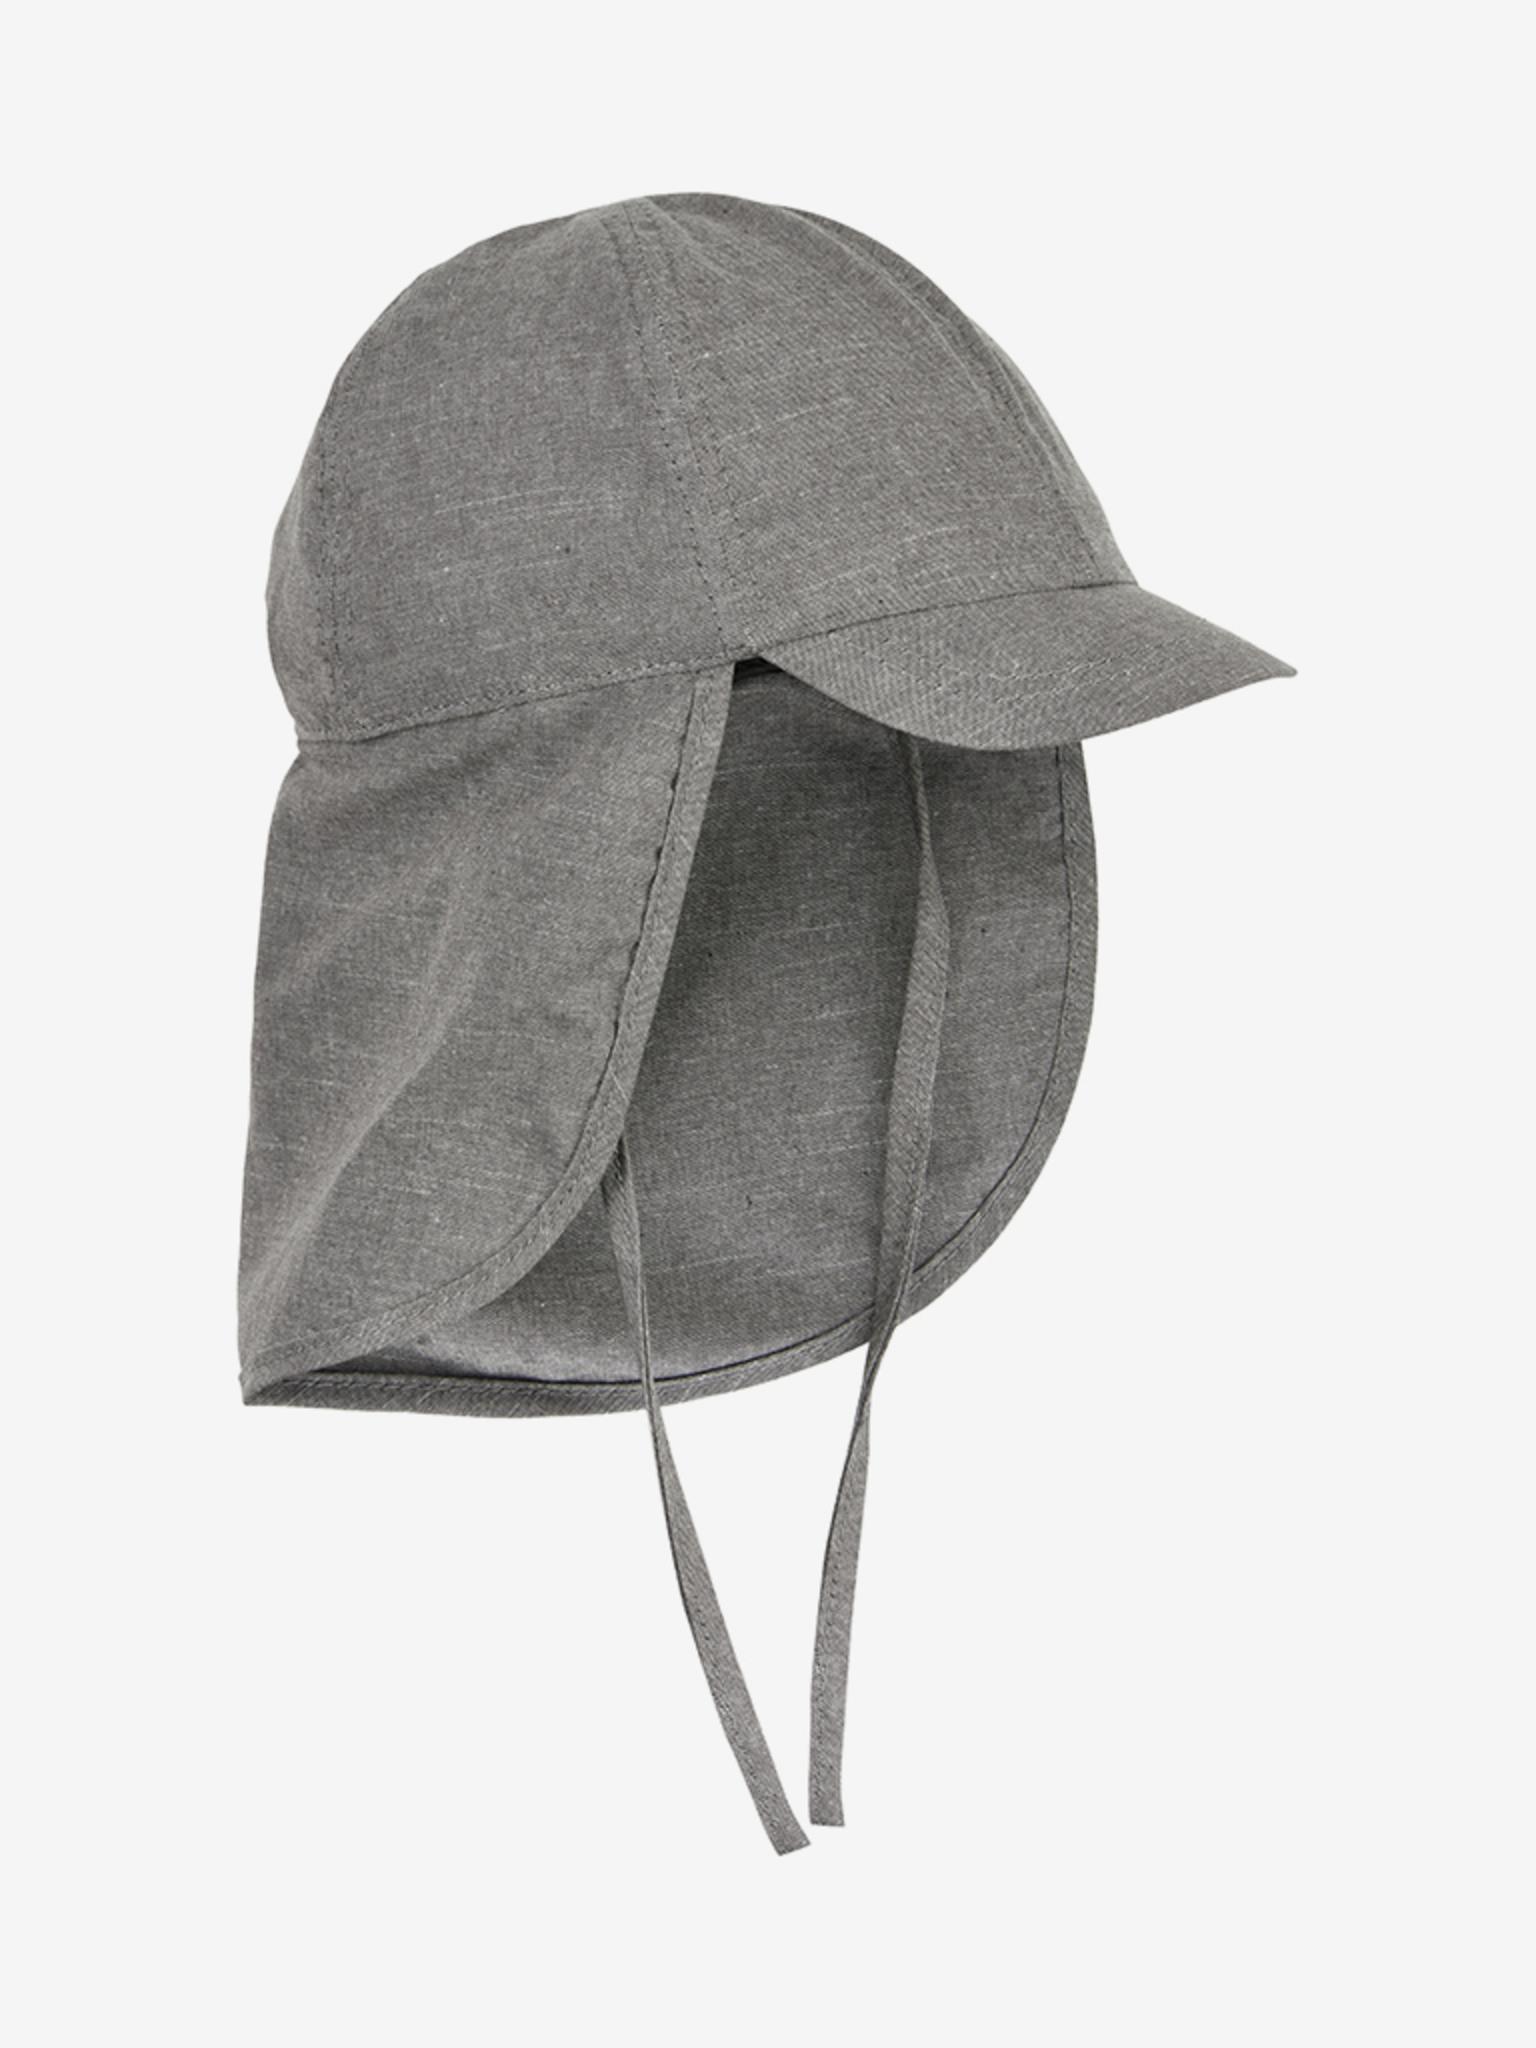 En Fant päikesekaitsemüts nokaga, SPF50, Grey Melange Lasteriided - HellyK - Kvaliteetsed lasteriided, villariided, barefoot jalatsid